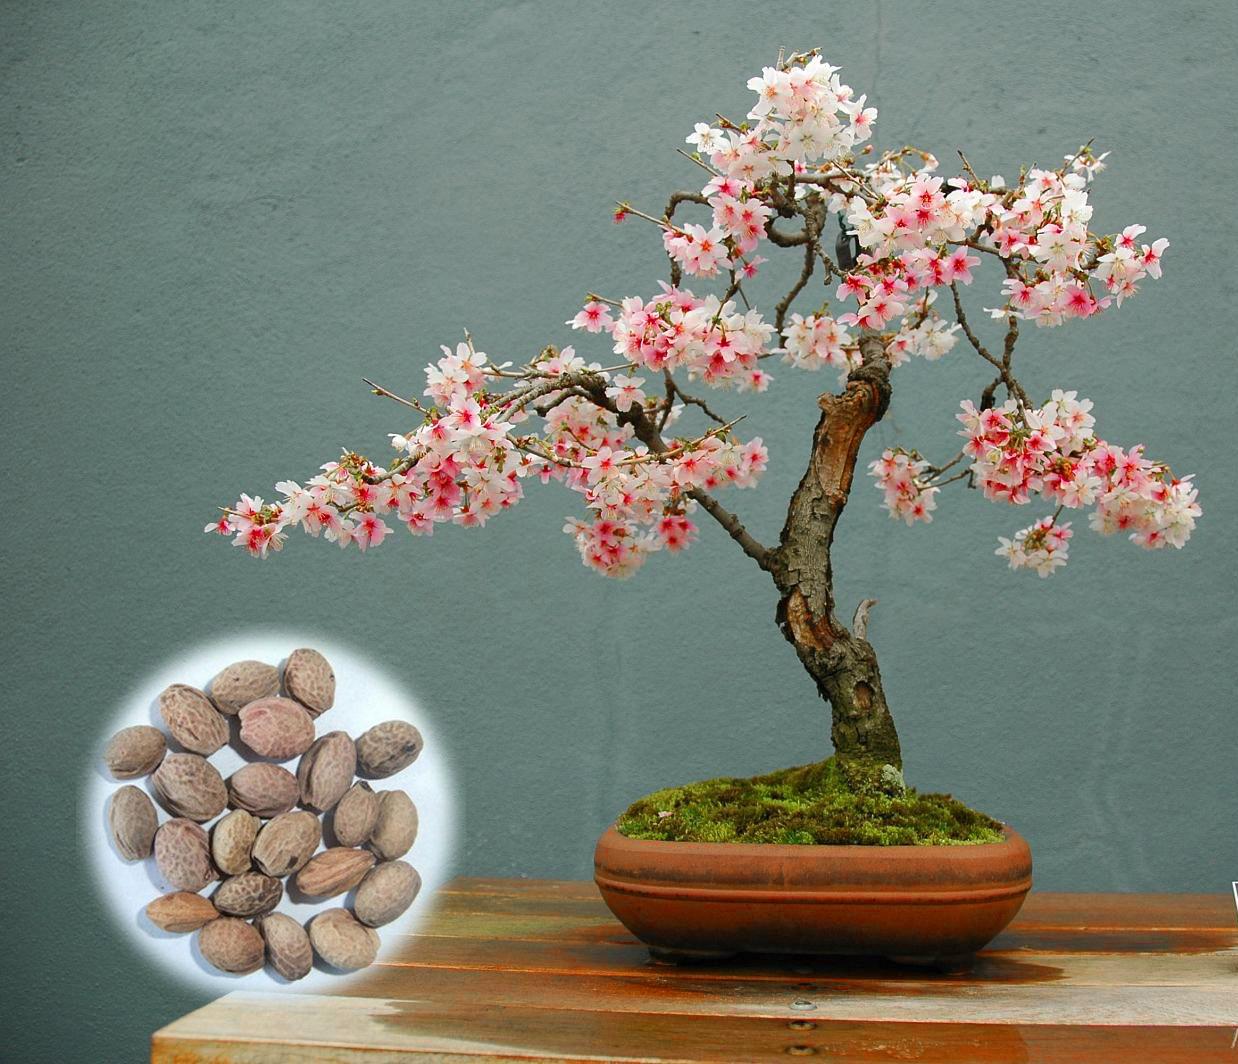 Japanese Flowering Cherry Blossom Sakura Bonsai Seeds Grow Own Bonsai Tree Bonsai Seeds Japanese Flowering Cherry Bonsai Flower